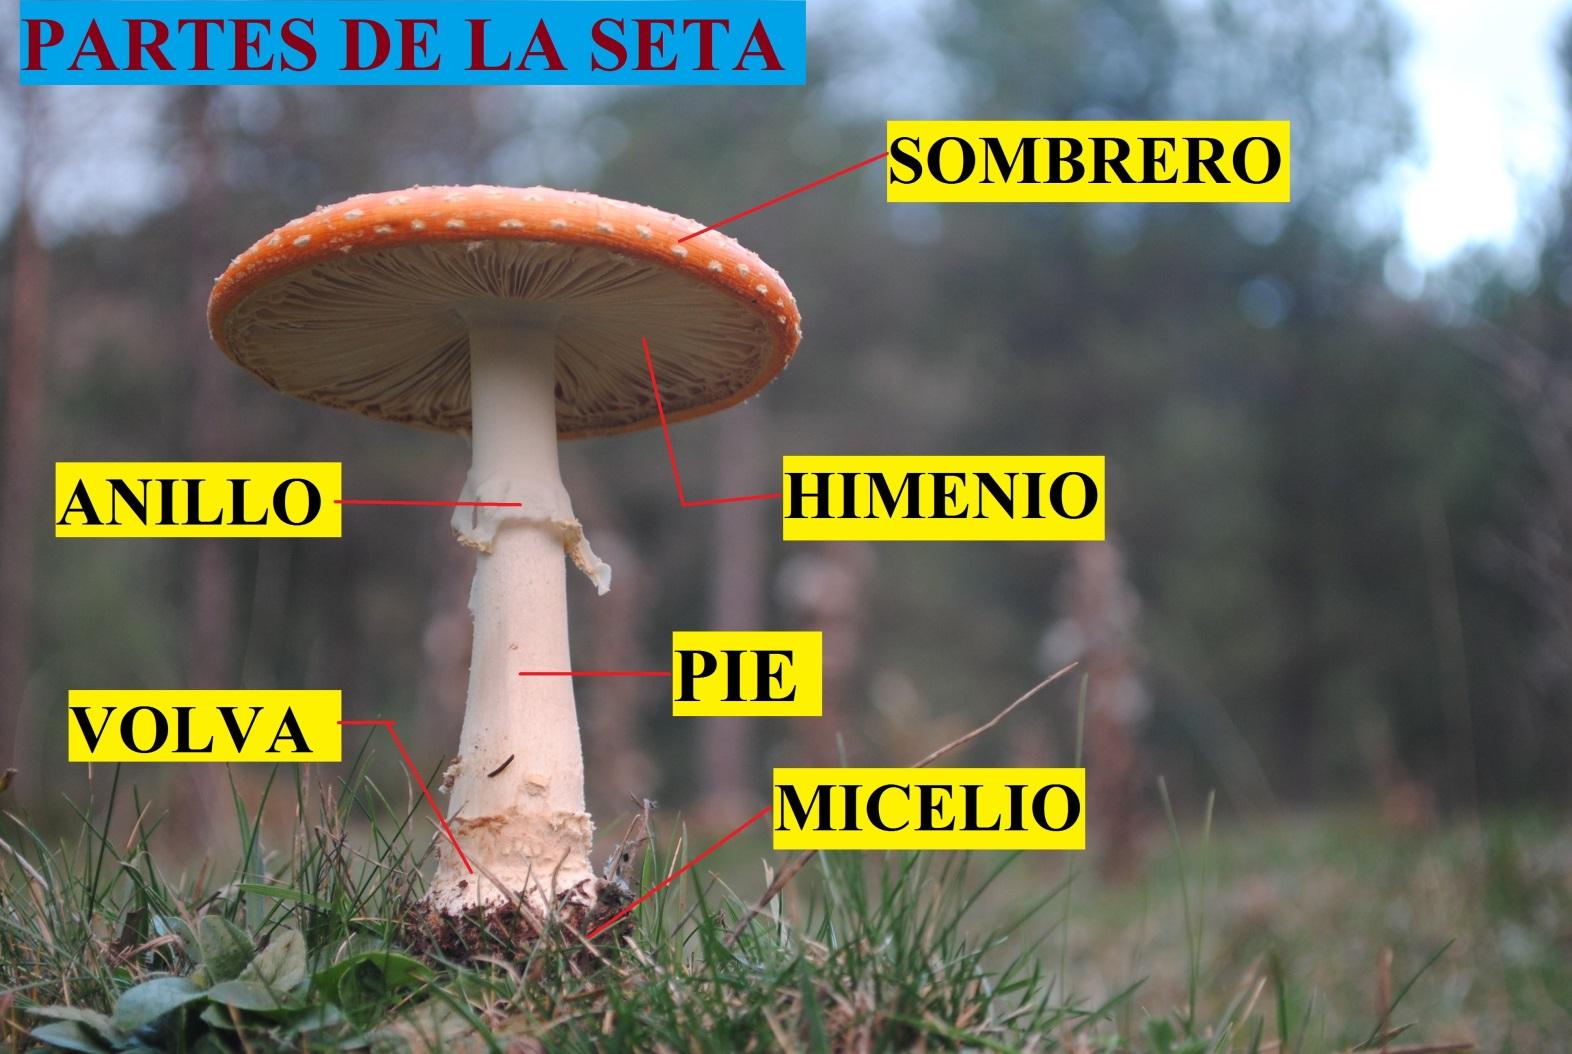 C:\Users\Luis\Desktop\carteles museo\LASETA.jpg